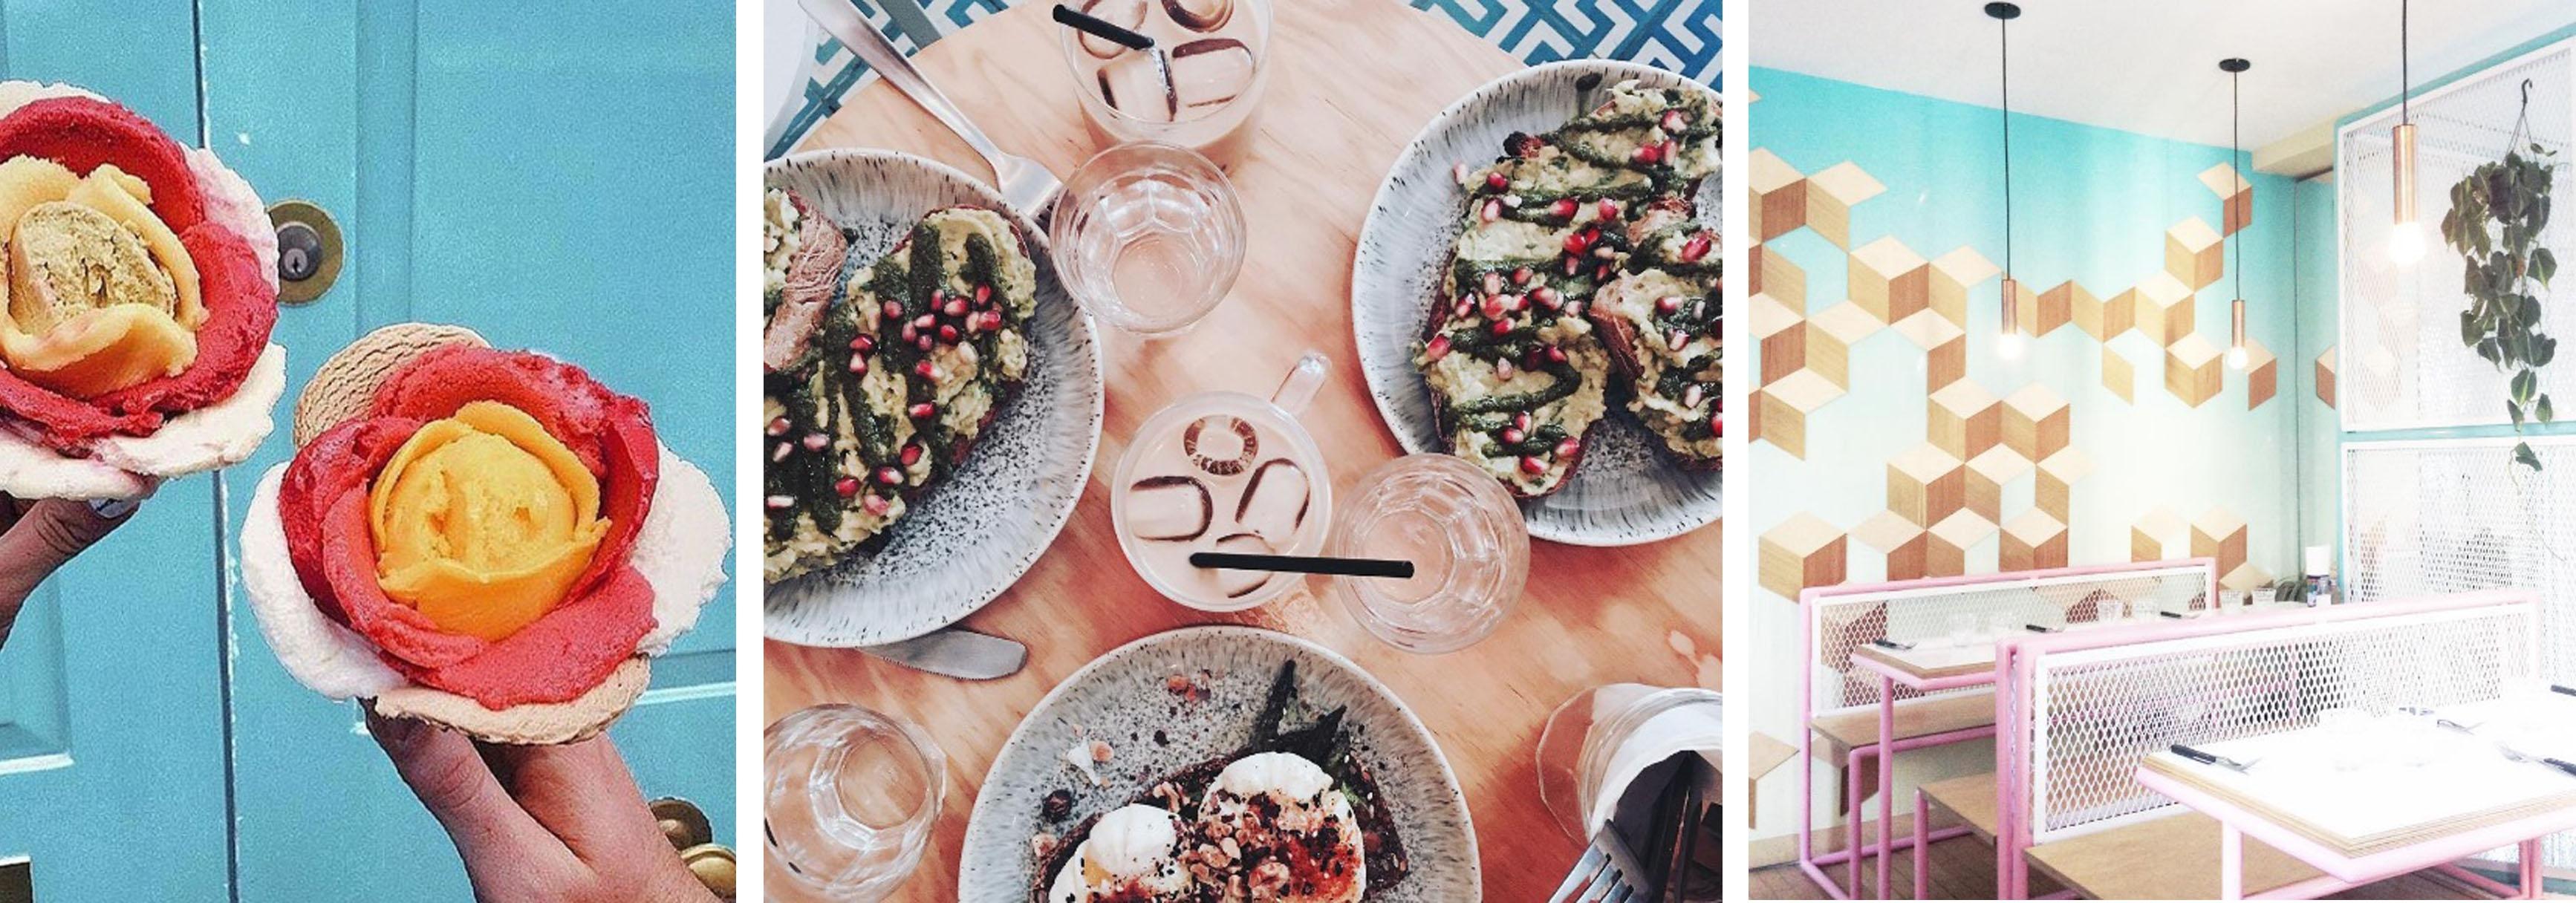 Weekendje Parijs? Deze 11 food hotspots mag je niet missen!